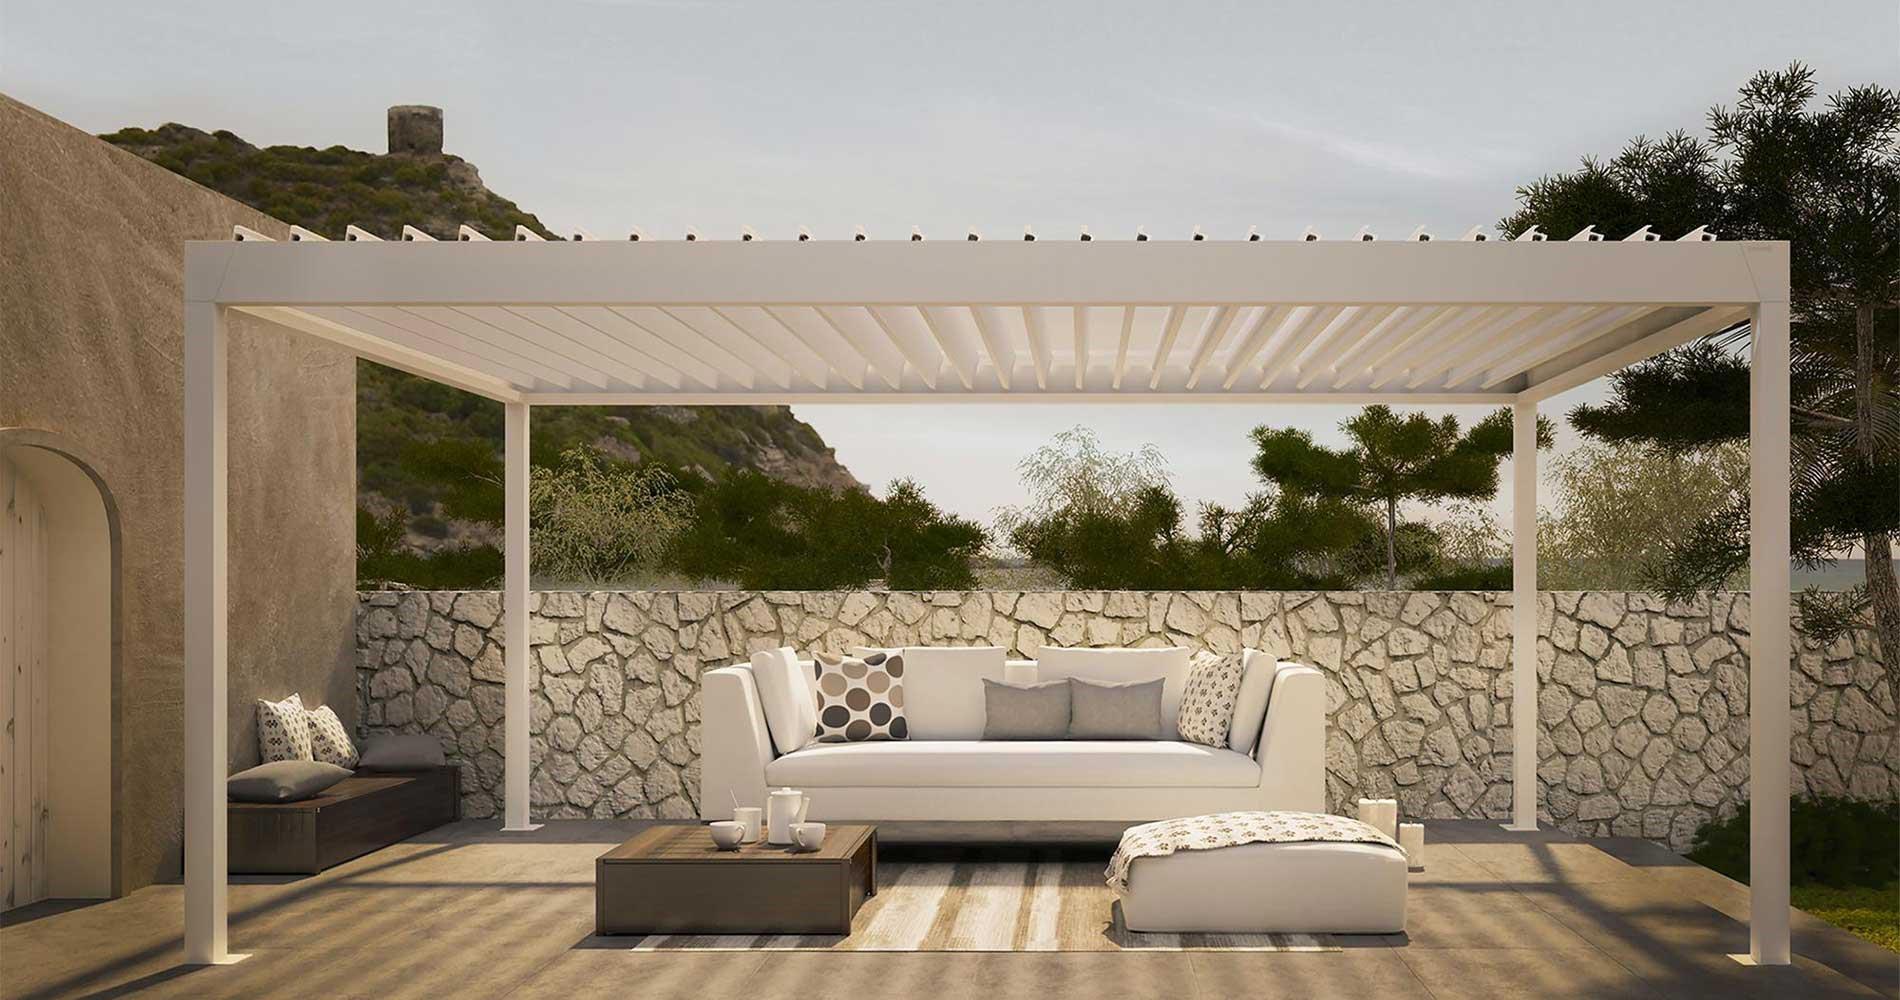 Tende da sole e tende esterno moderne su misura for Terrazzi arredamento da esterni